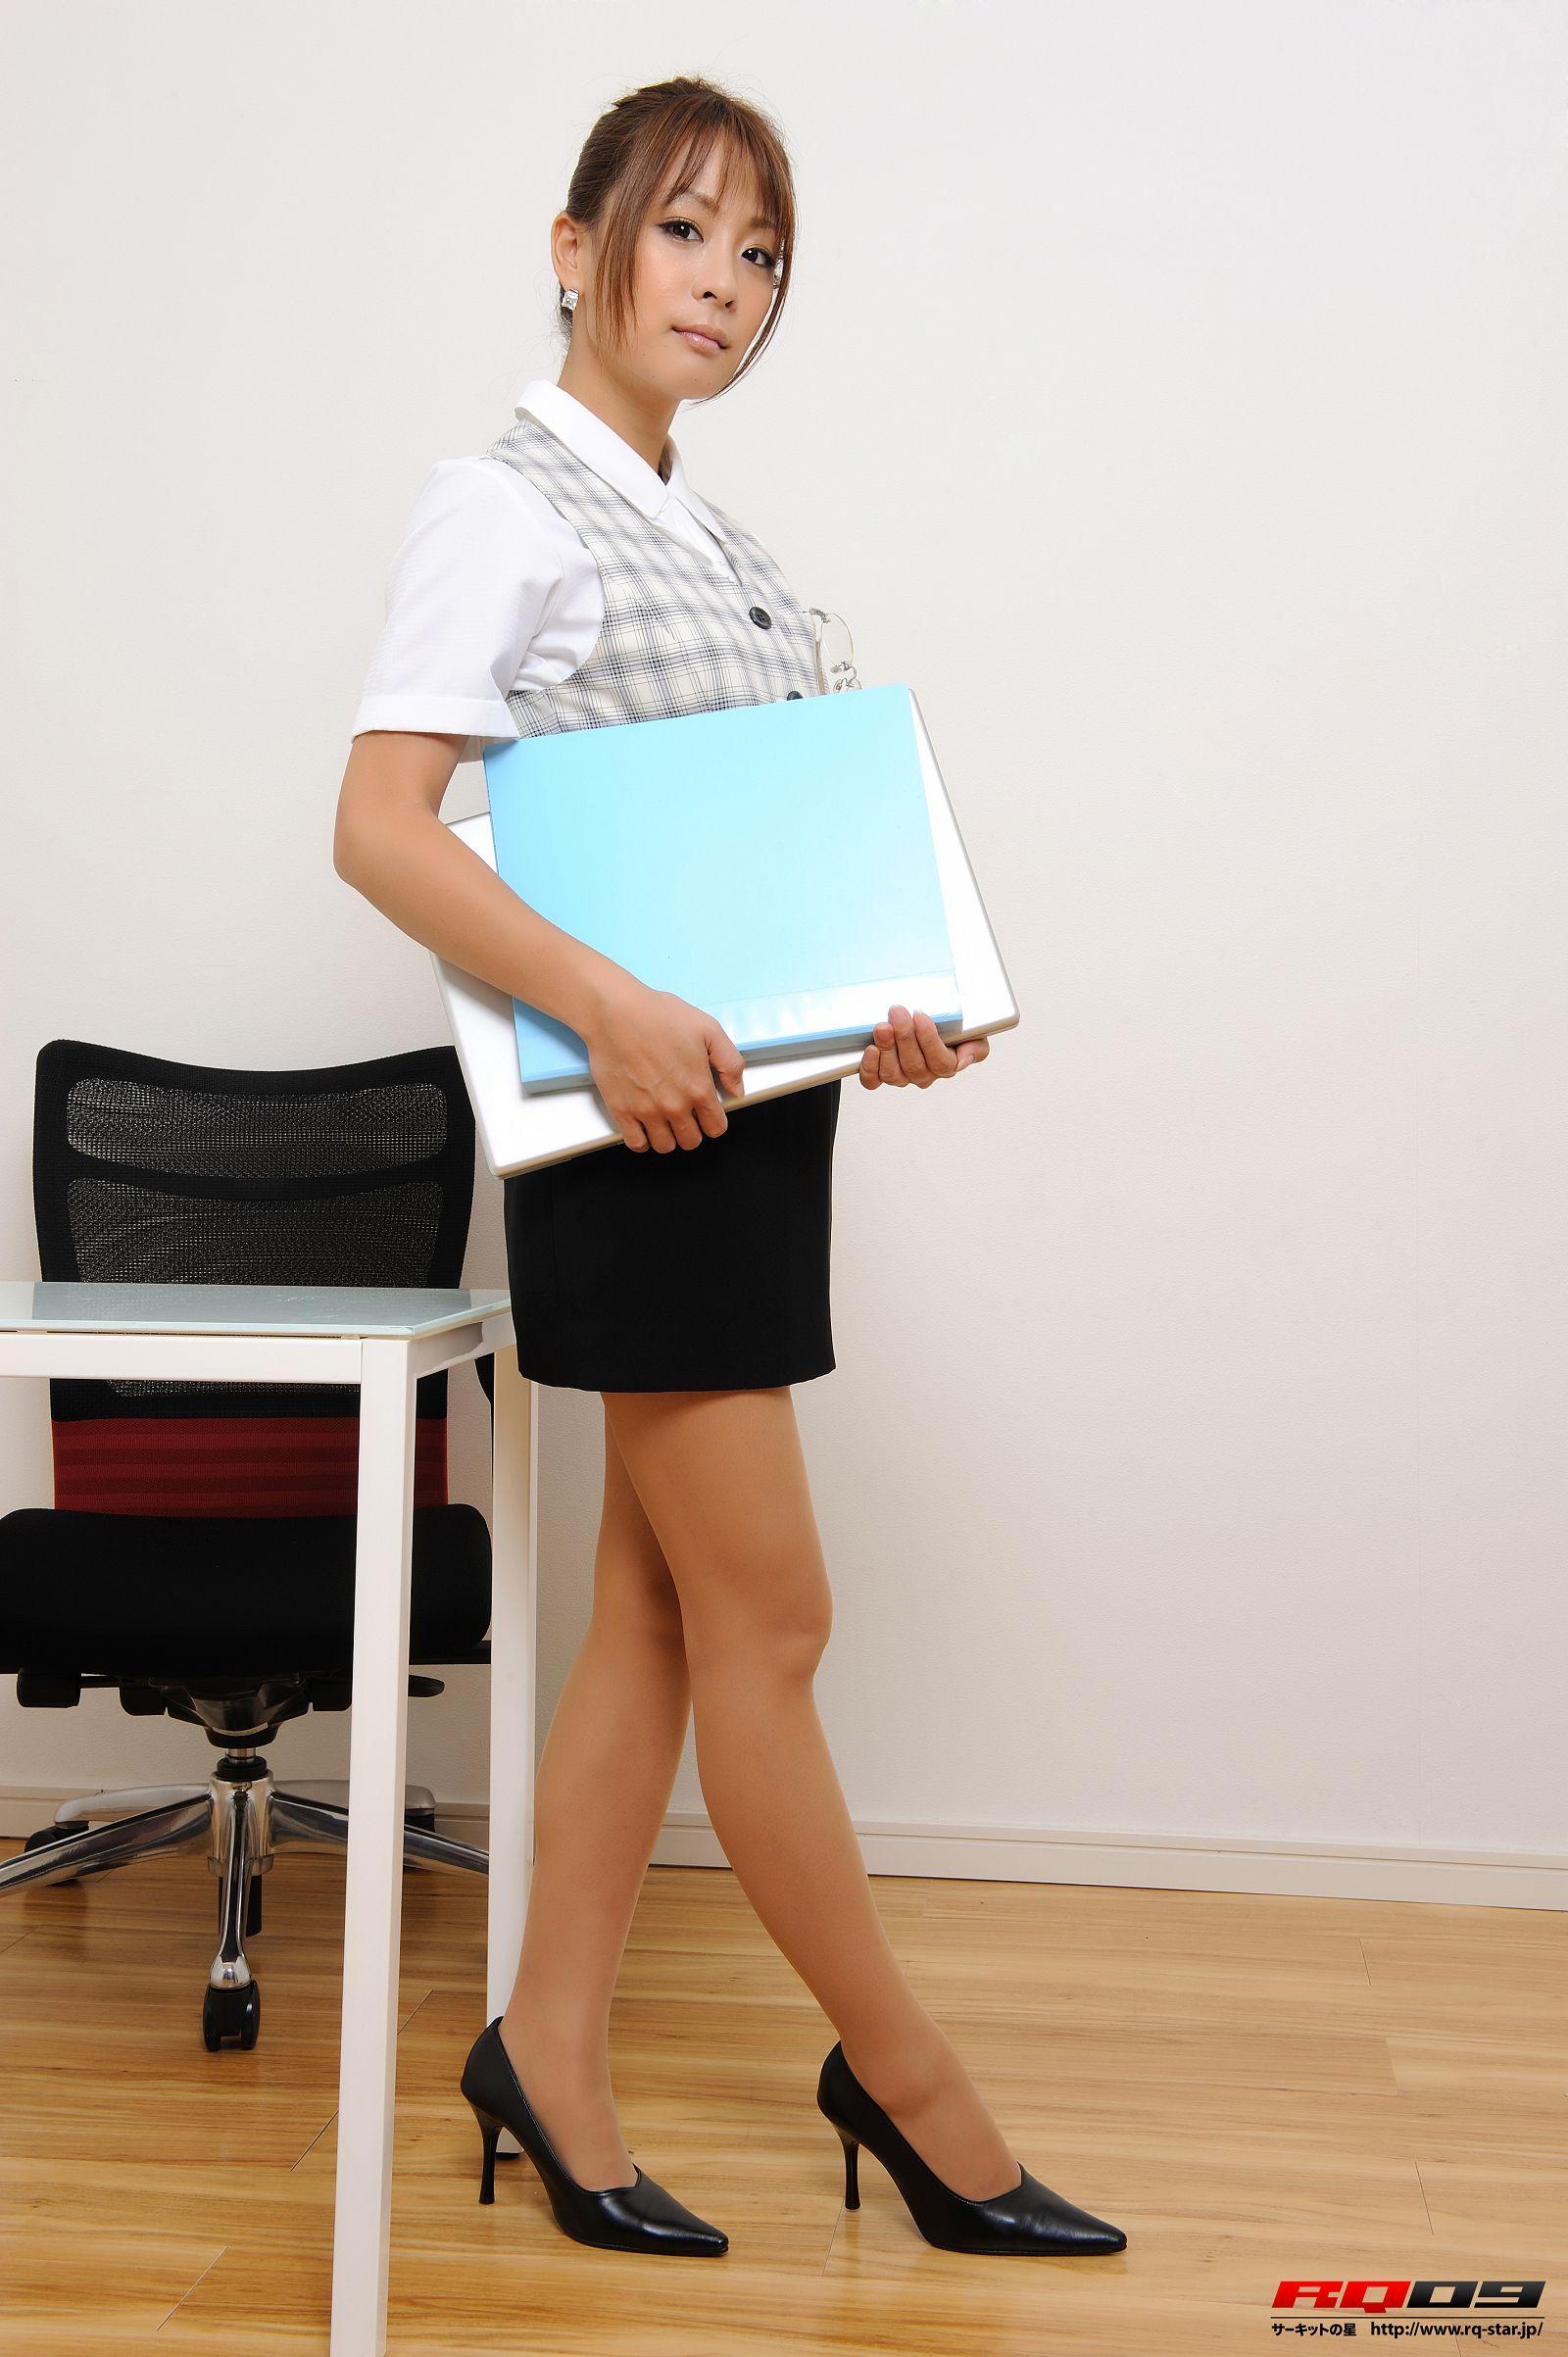 [RQ STAR美女] NO.0204 Yuuki Aikawa 相川友希 Office Lady[100P] RQ STAR 第3张